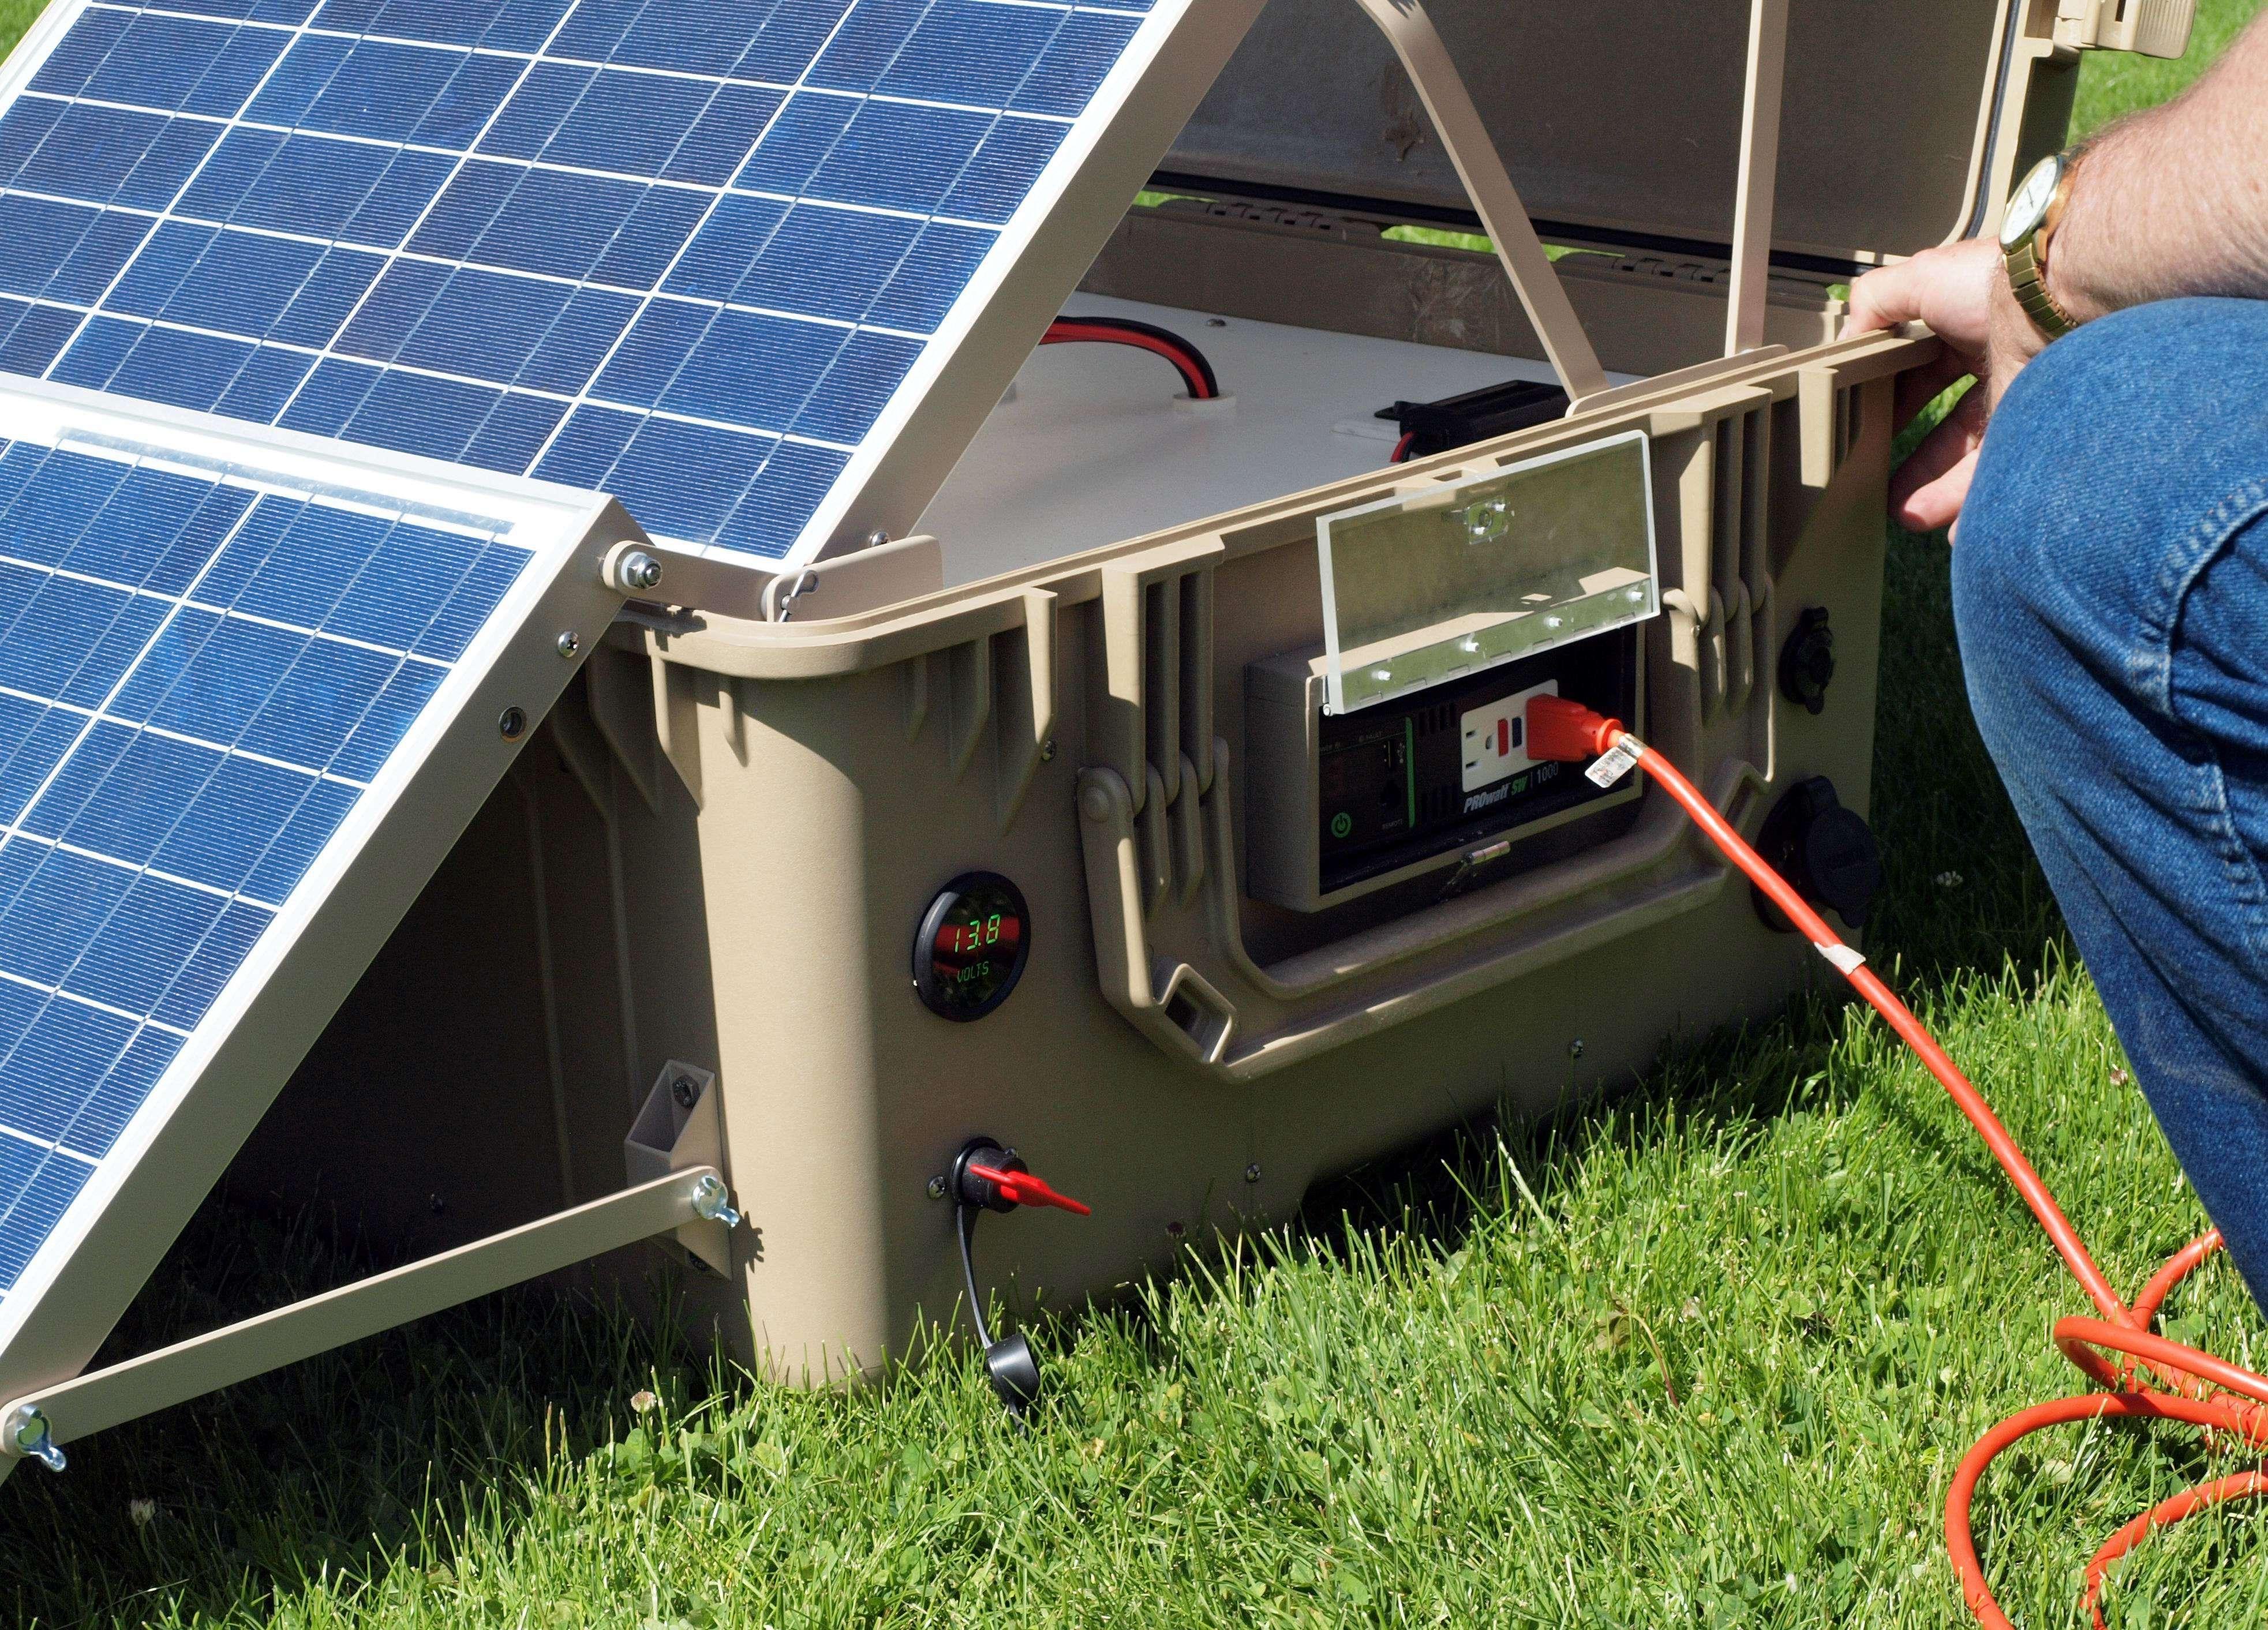 производители солнечных батарей в россии